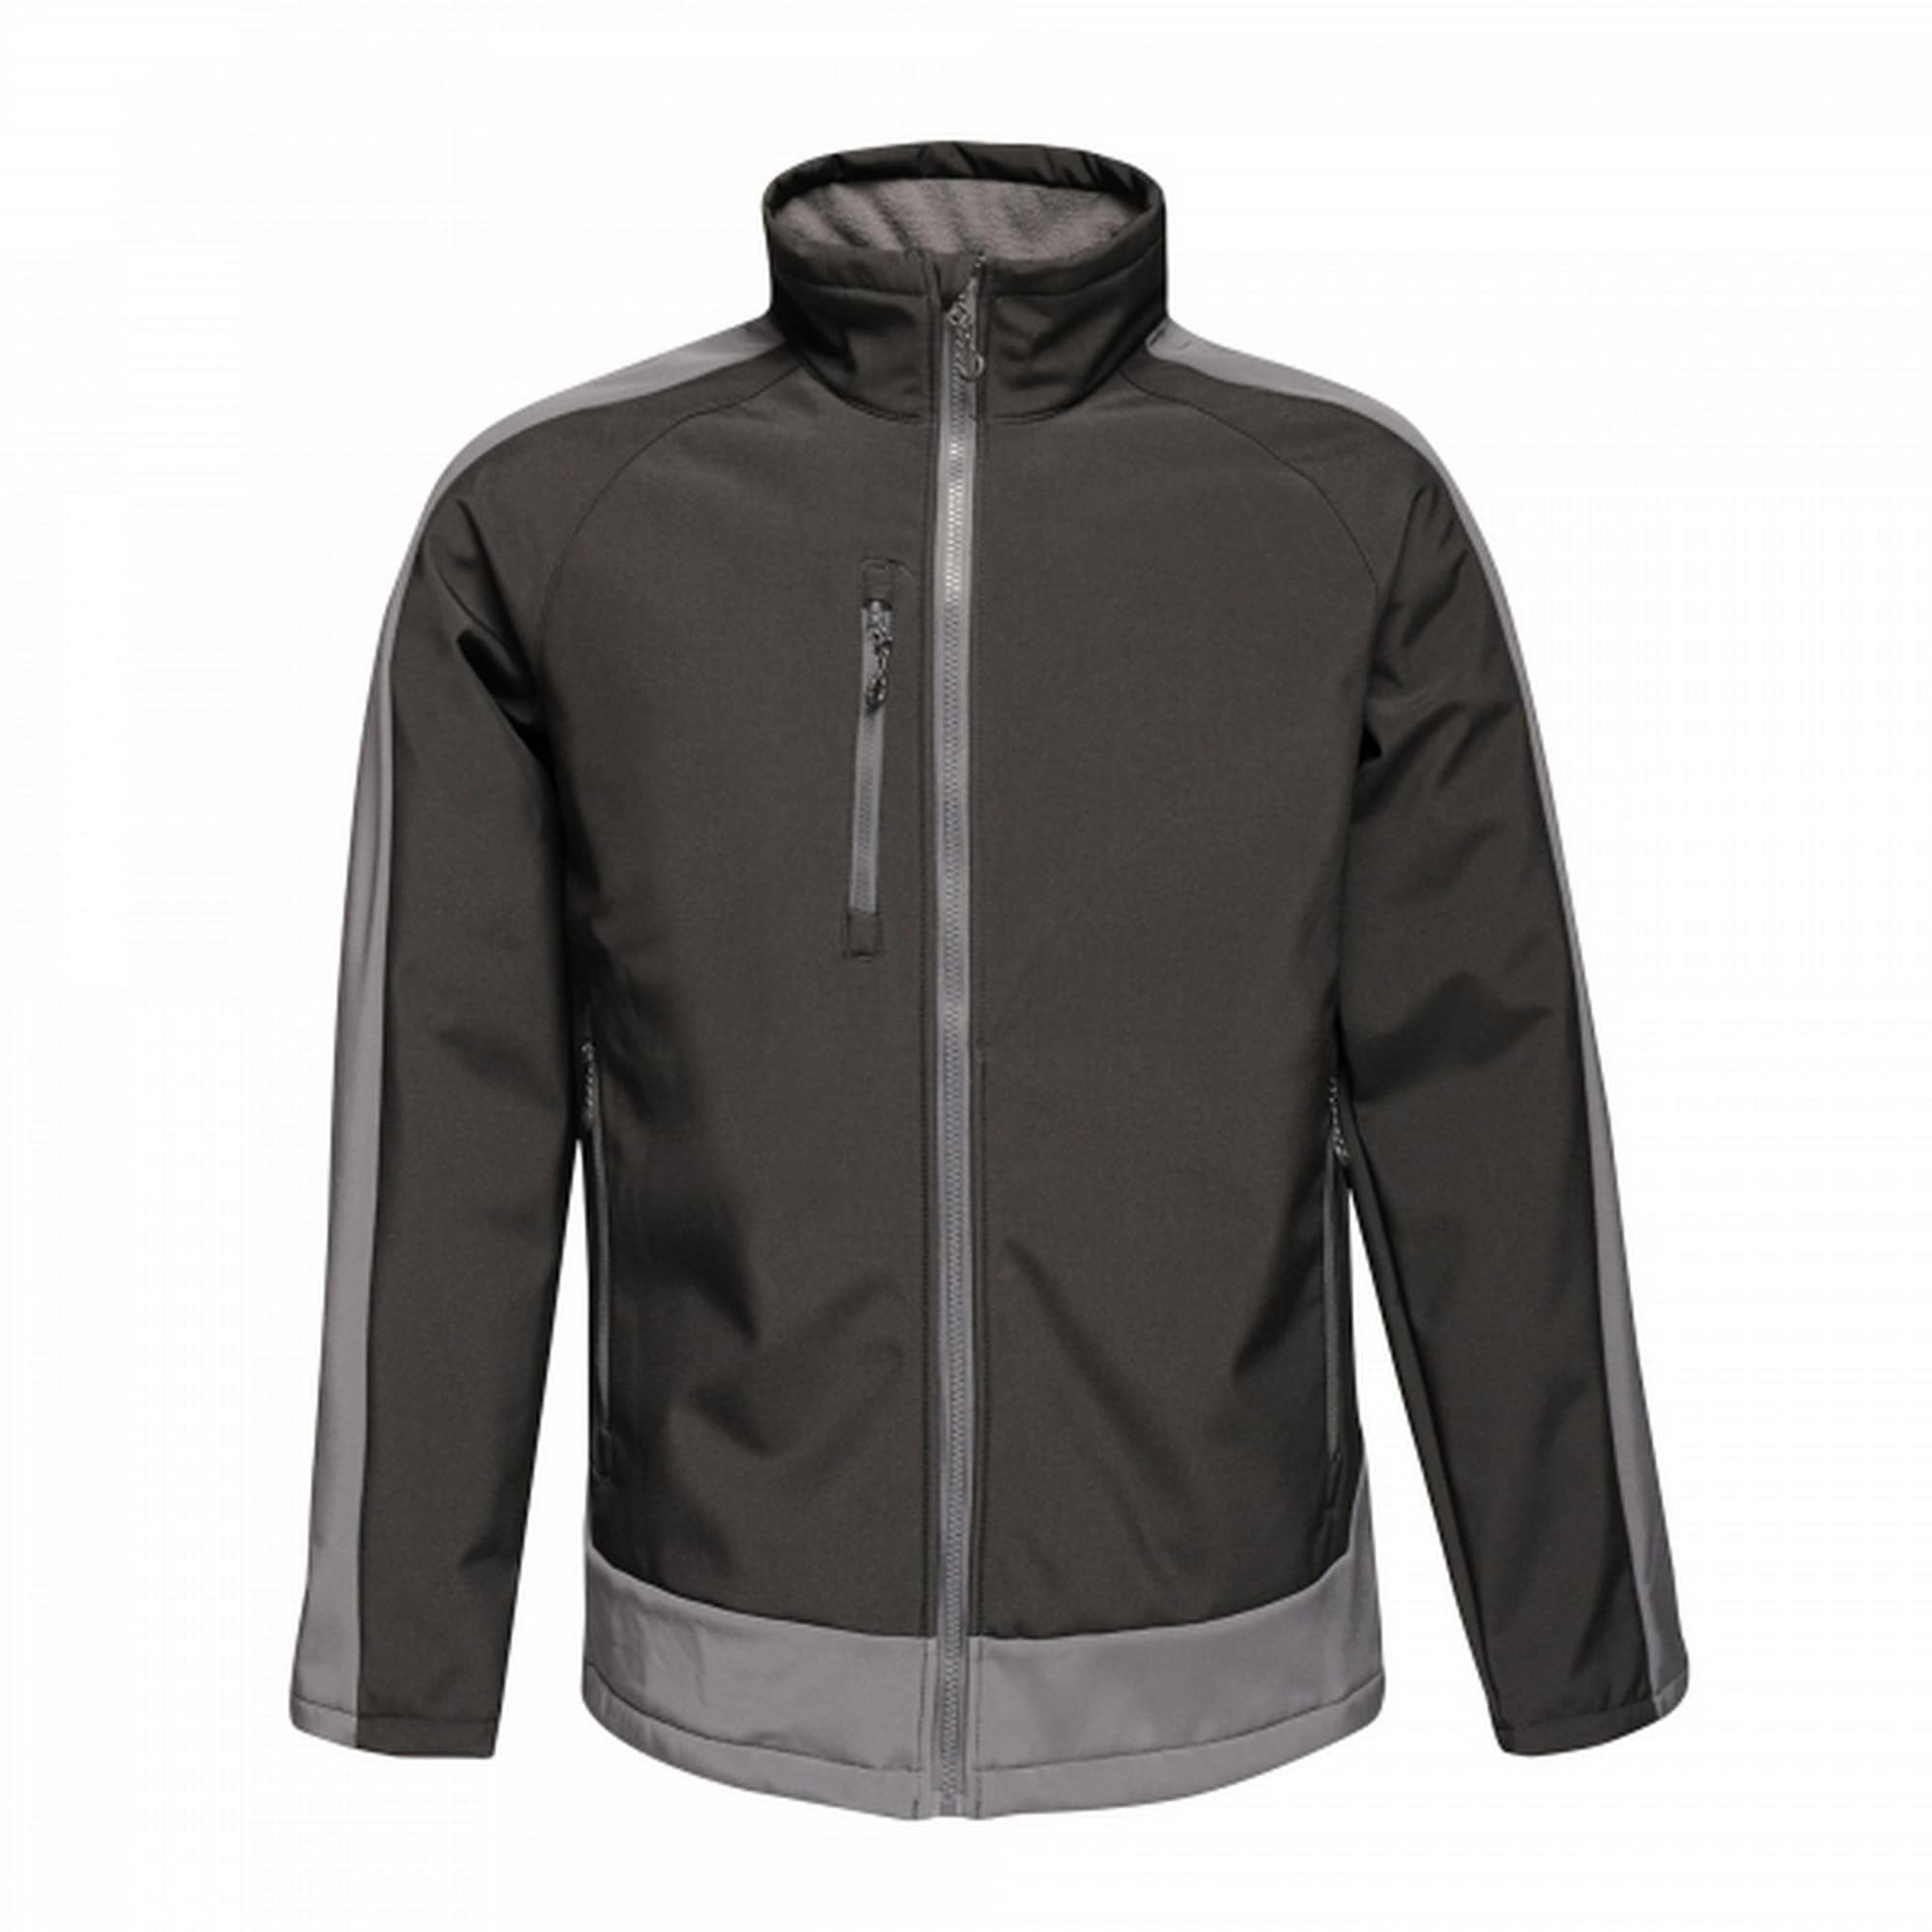 Regatta Softshelljacke Herren mit Kontrastdetails dreilagig | Sportbekleidung > Sportjacken | Regatta